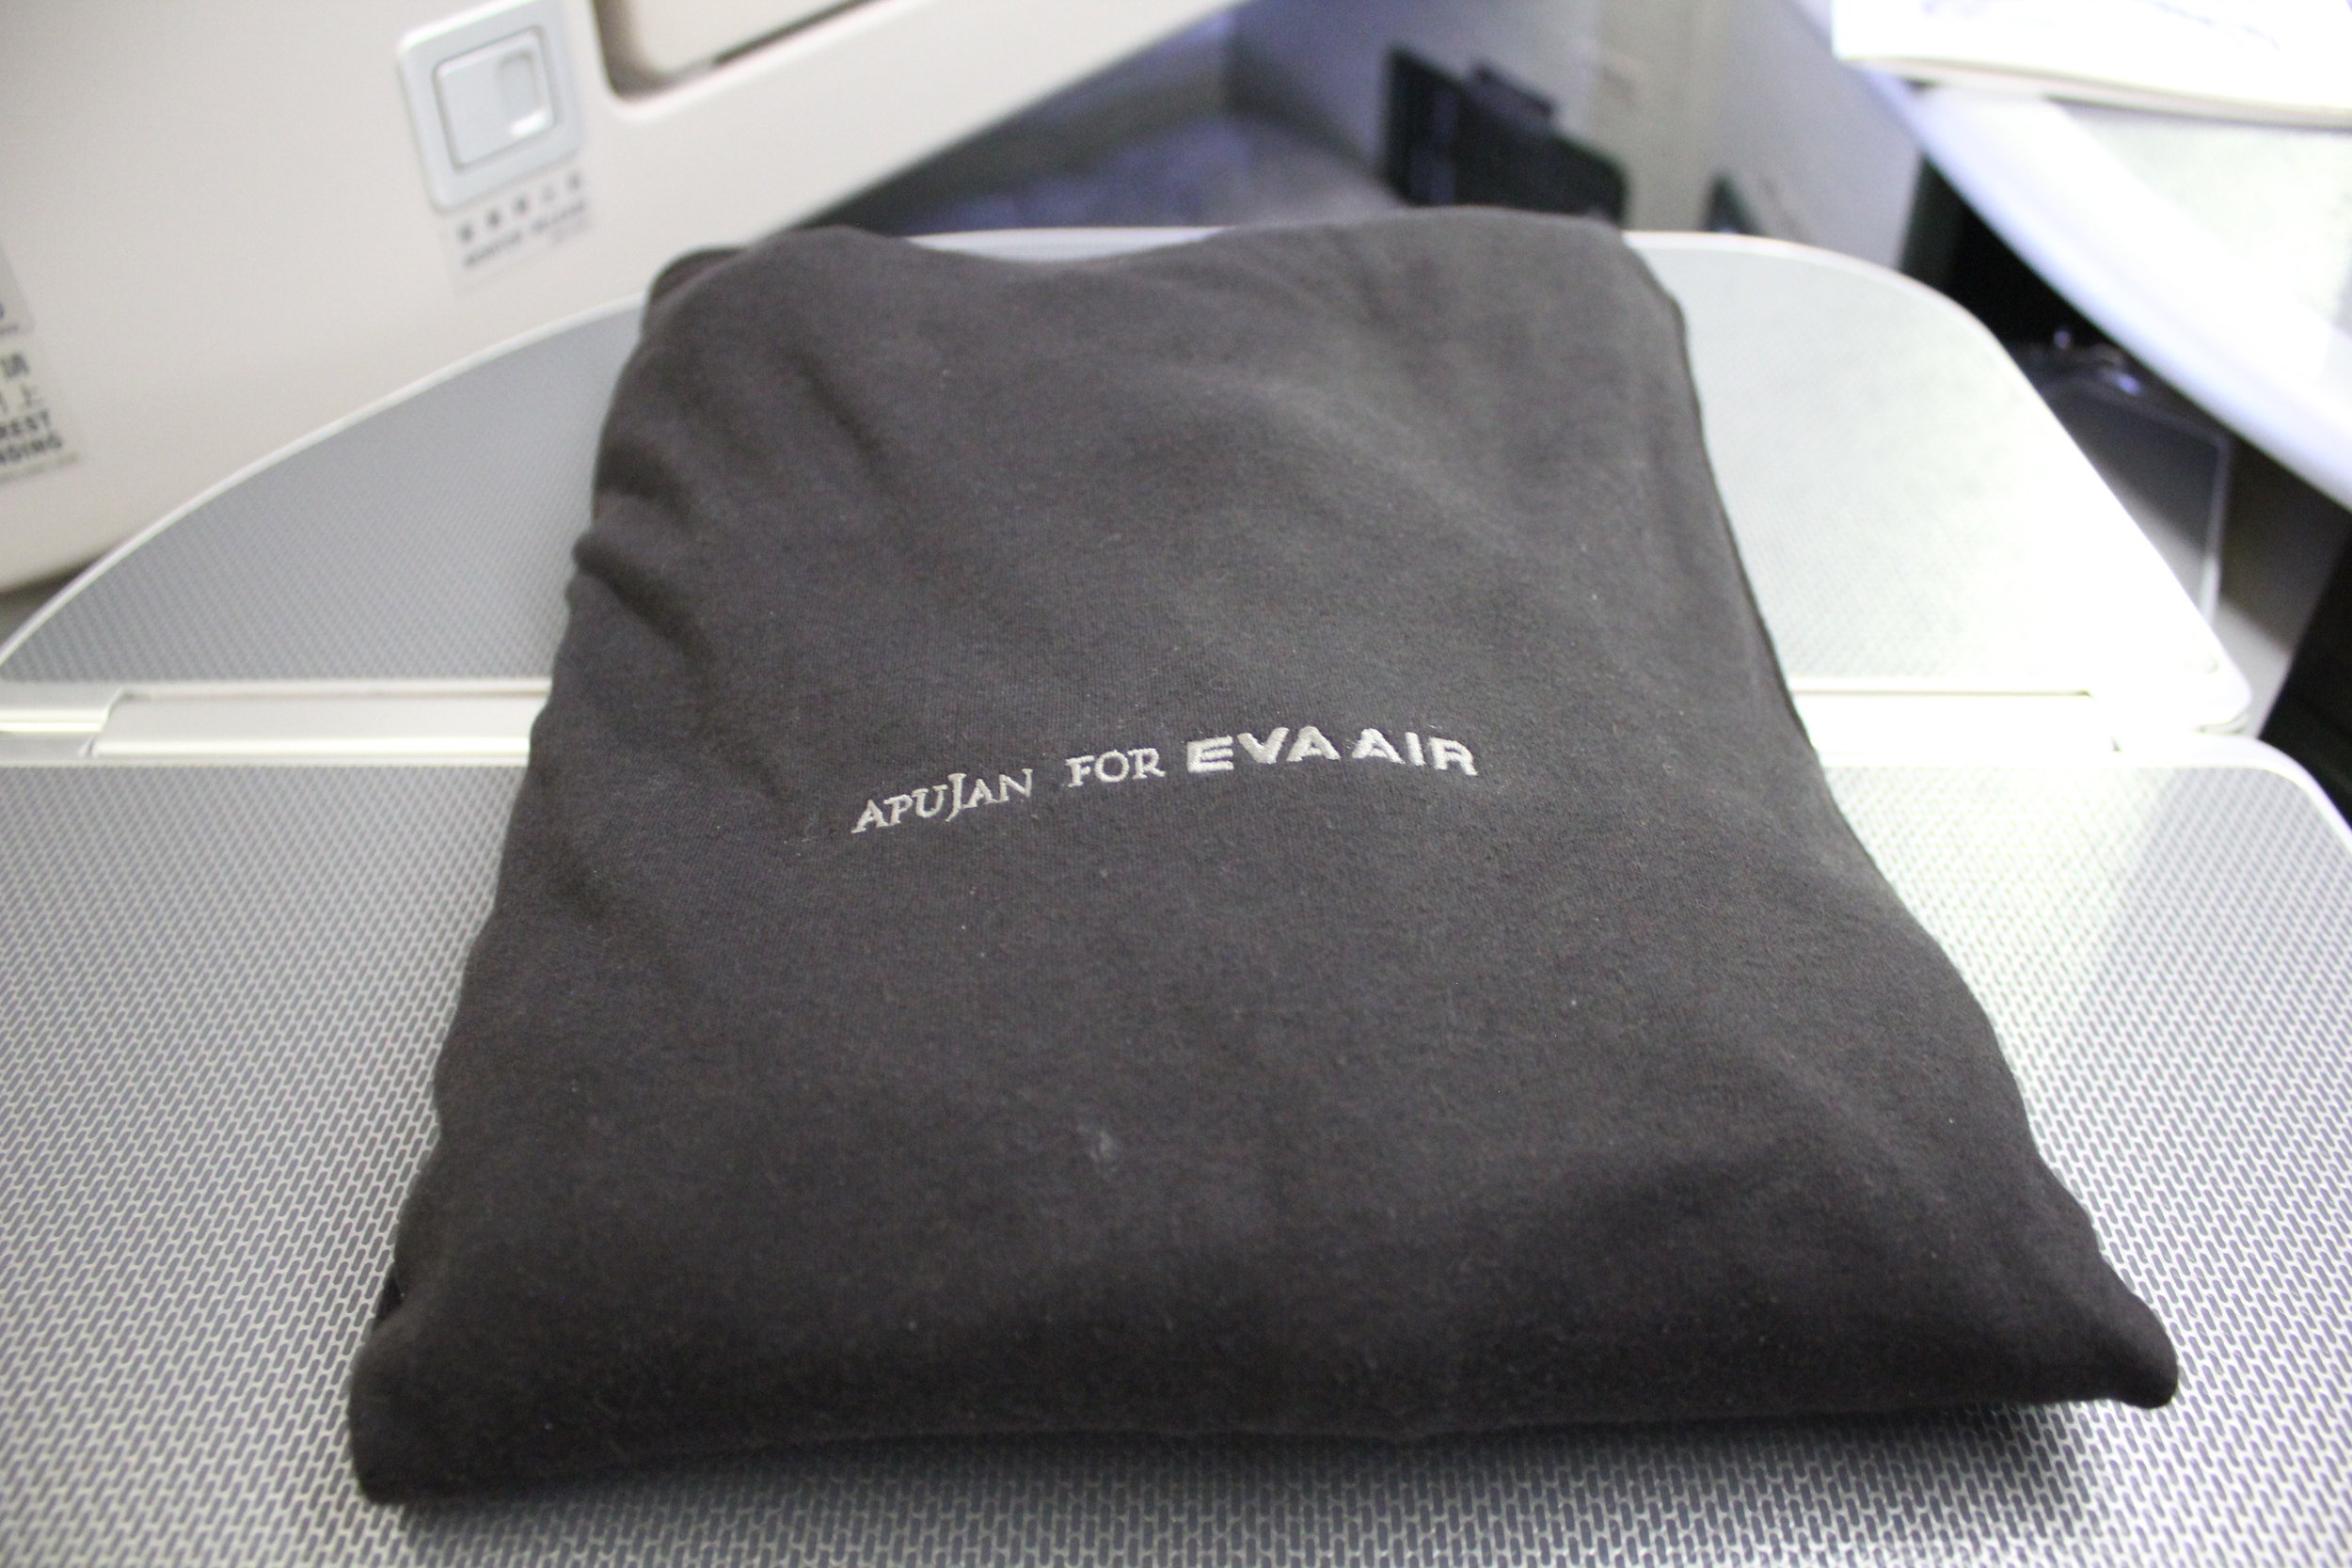 EVA Air business class – Pajamas